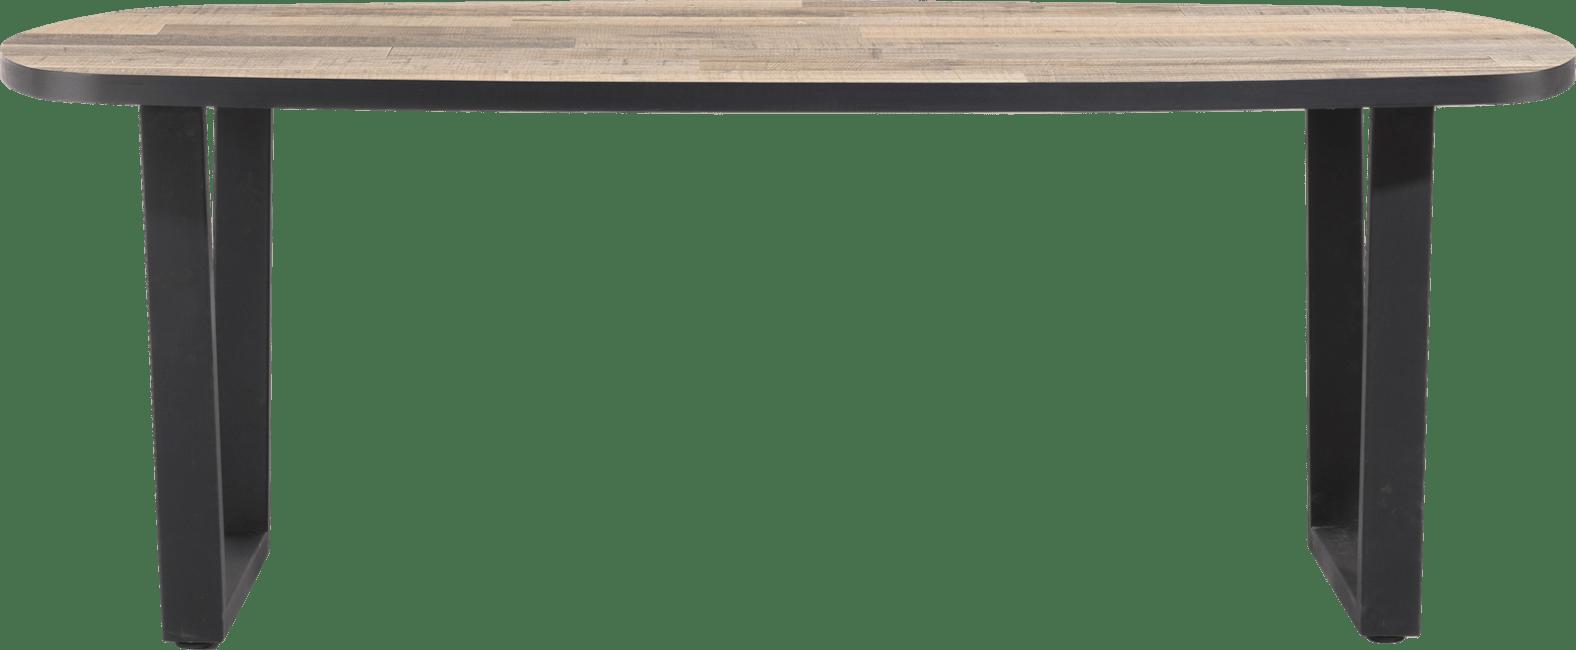 Henders and Hazel - Avalox - Industrieel - eetkamertafel ovaal 210 x 110 cm